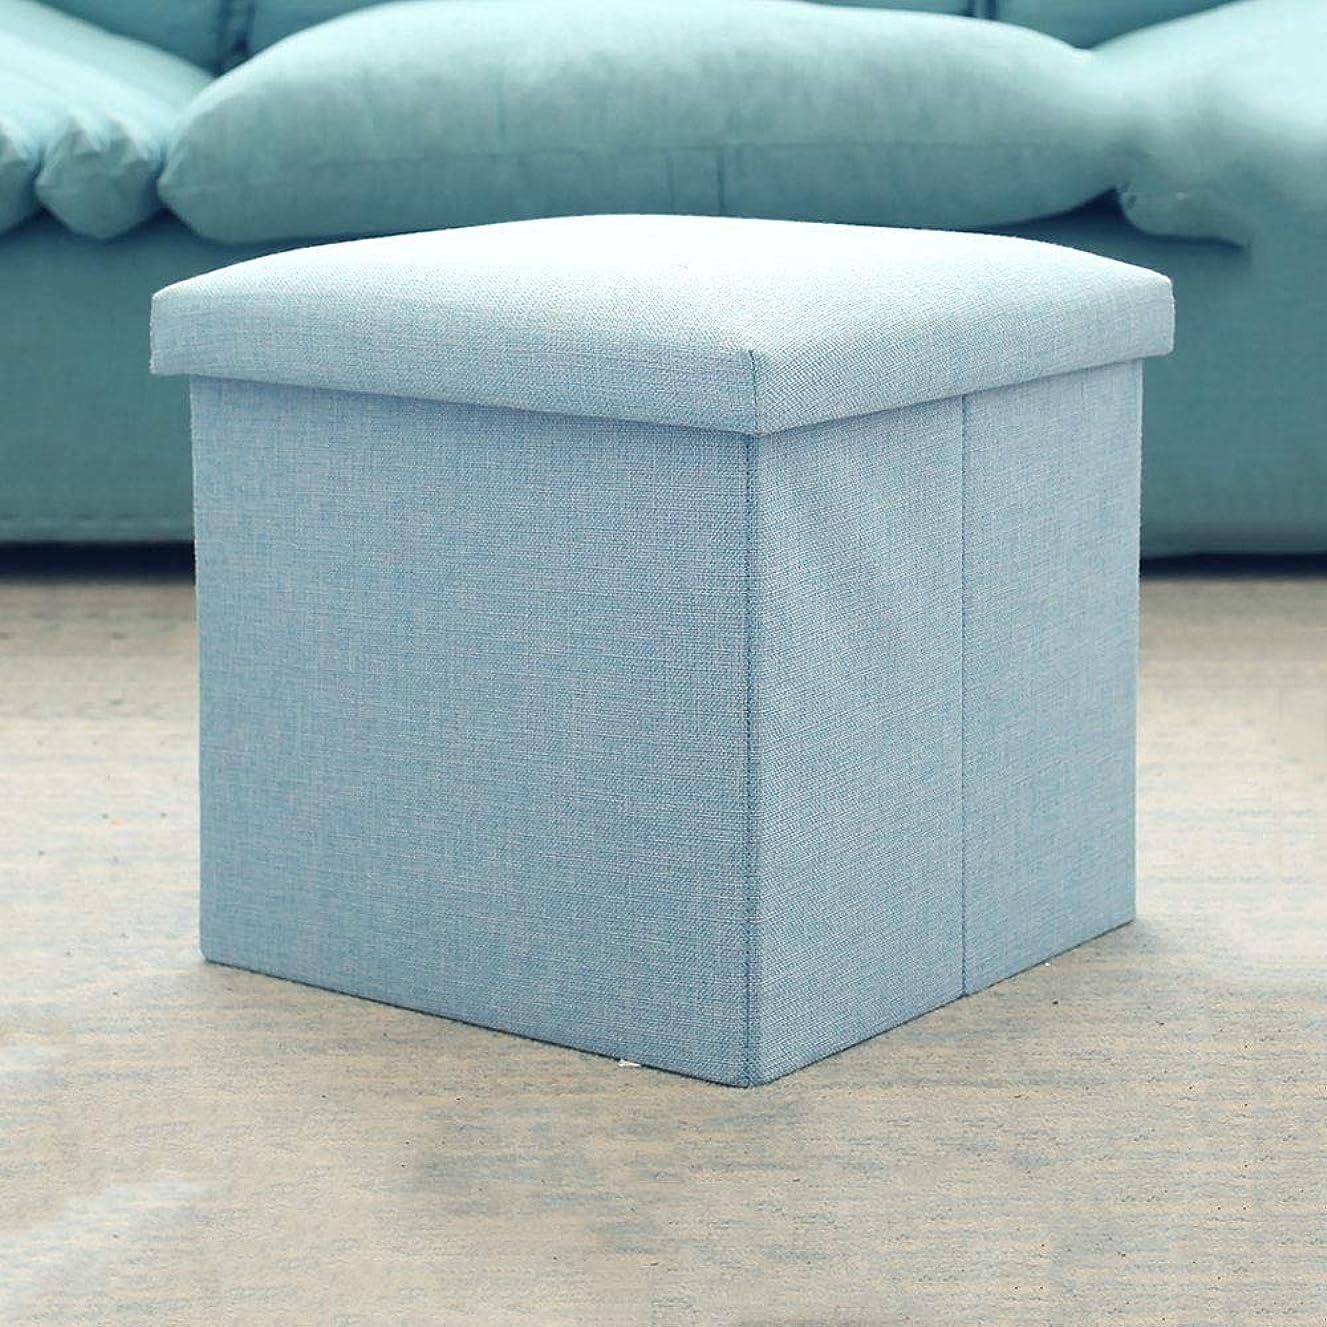 クリスチャン知覚的ブリッジCreative Square Storage Ottoman Cube Washable Foldable Foot Rest Stool Modern Home Living Room Adults Sofa Stool Chair Household Entrance Change Shoe Bench(色:ベージュ)